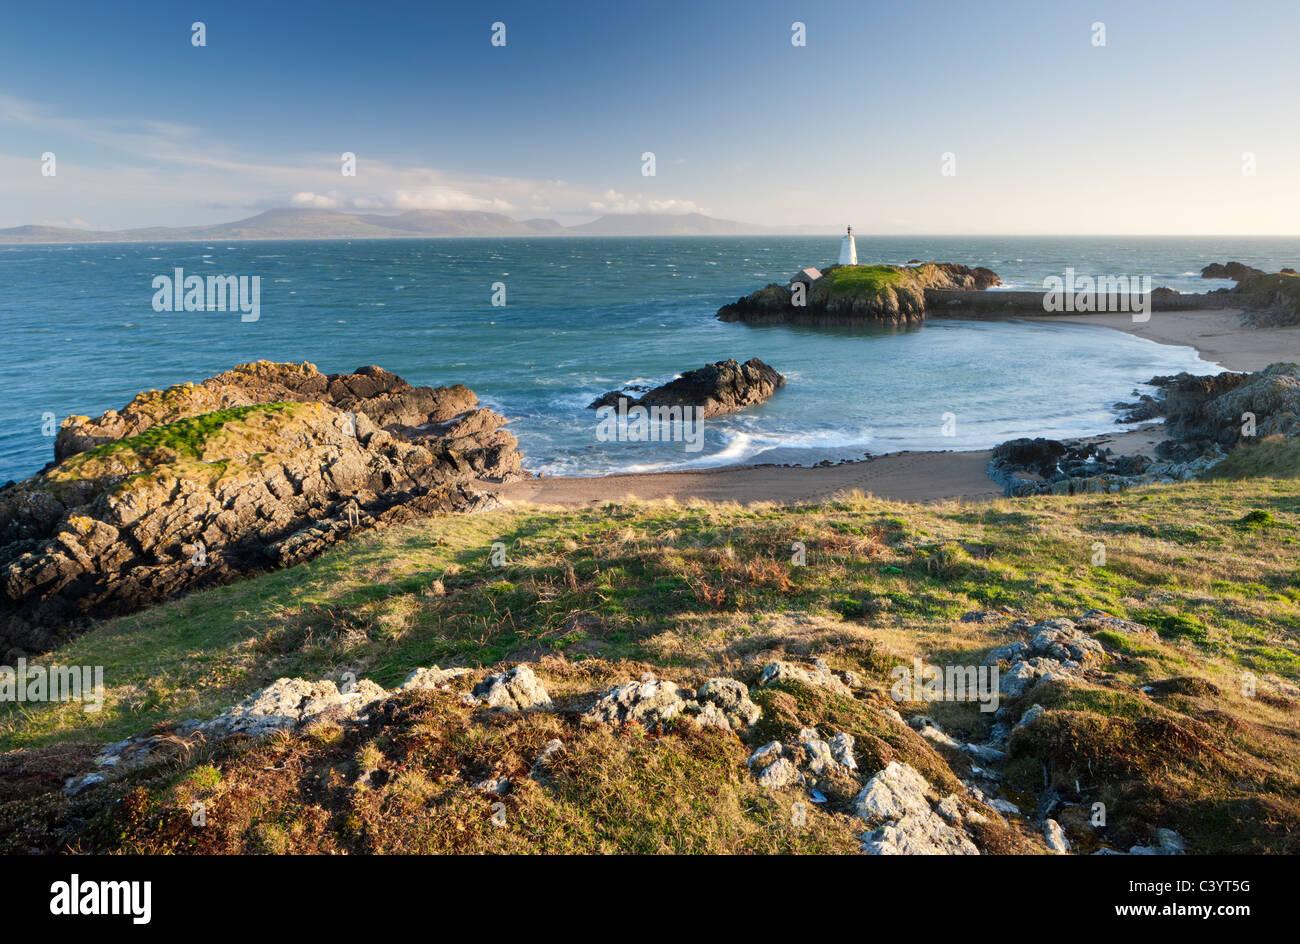 En début de soirée voir des pilotes Cove et au phare phare Tŵr Bach sur l'île Llanddwyn, Anglesey, Photo Stock